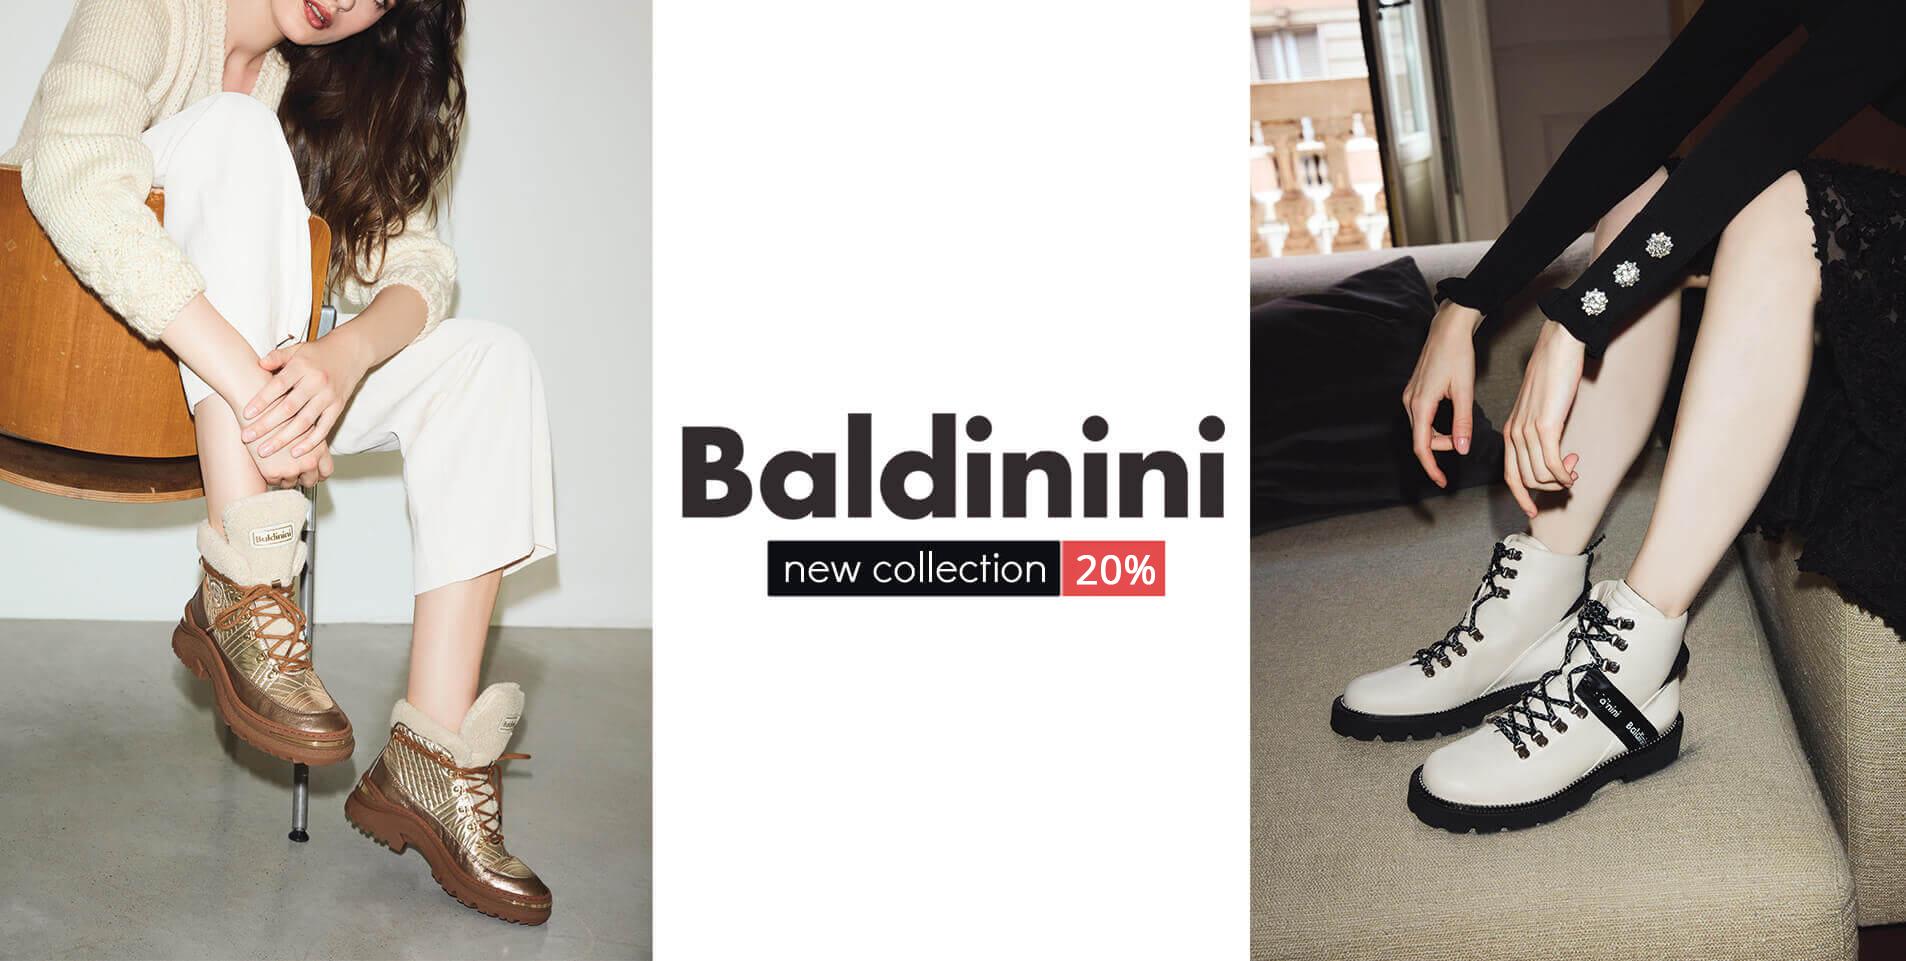 Baldinini 2020